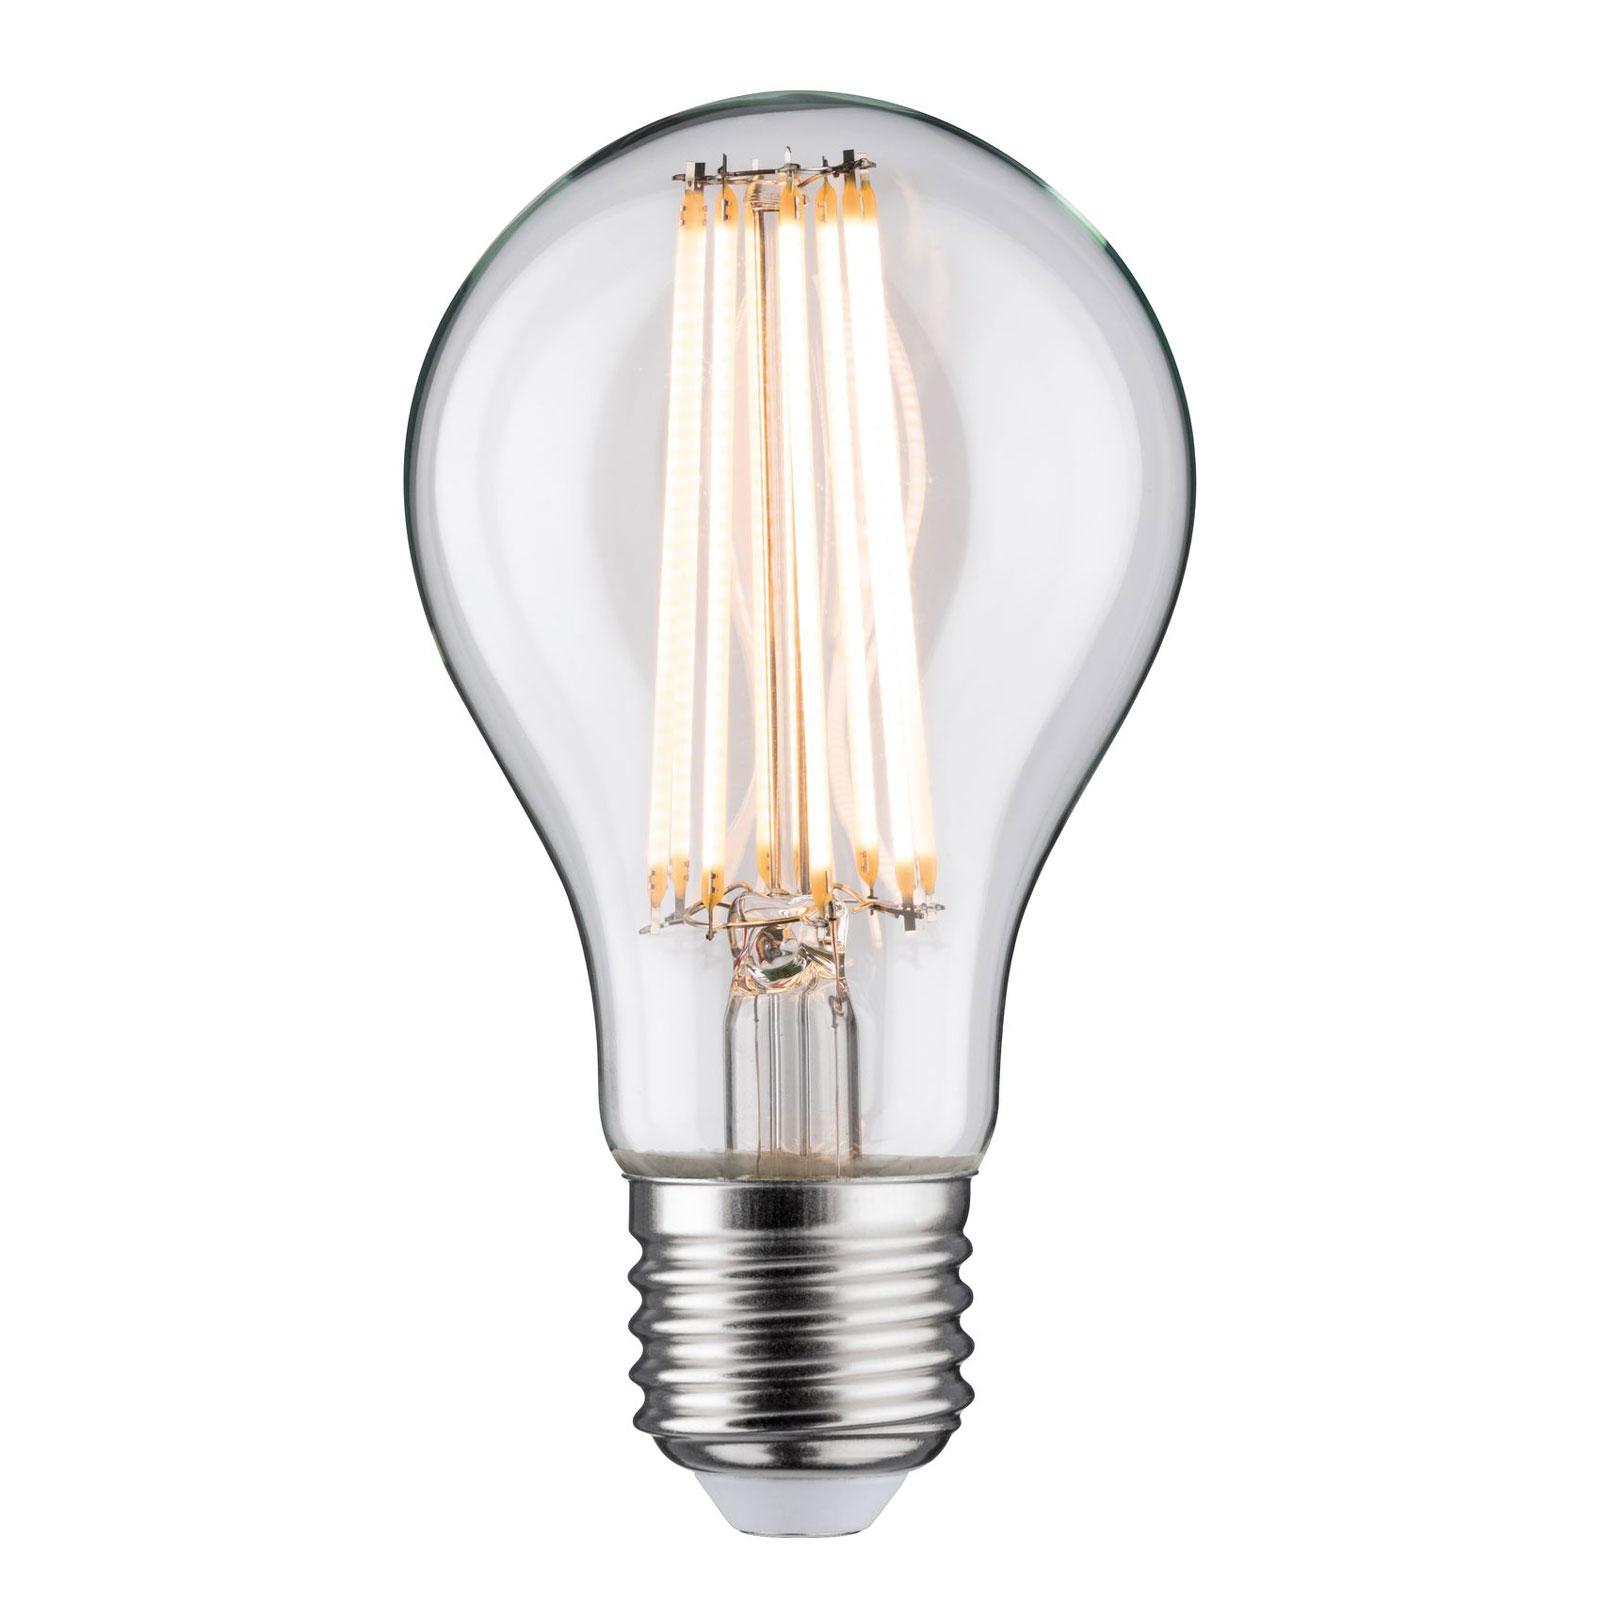 Żarówka LED E27 11,5W 2700 K przezroczysta